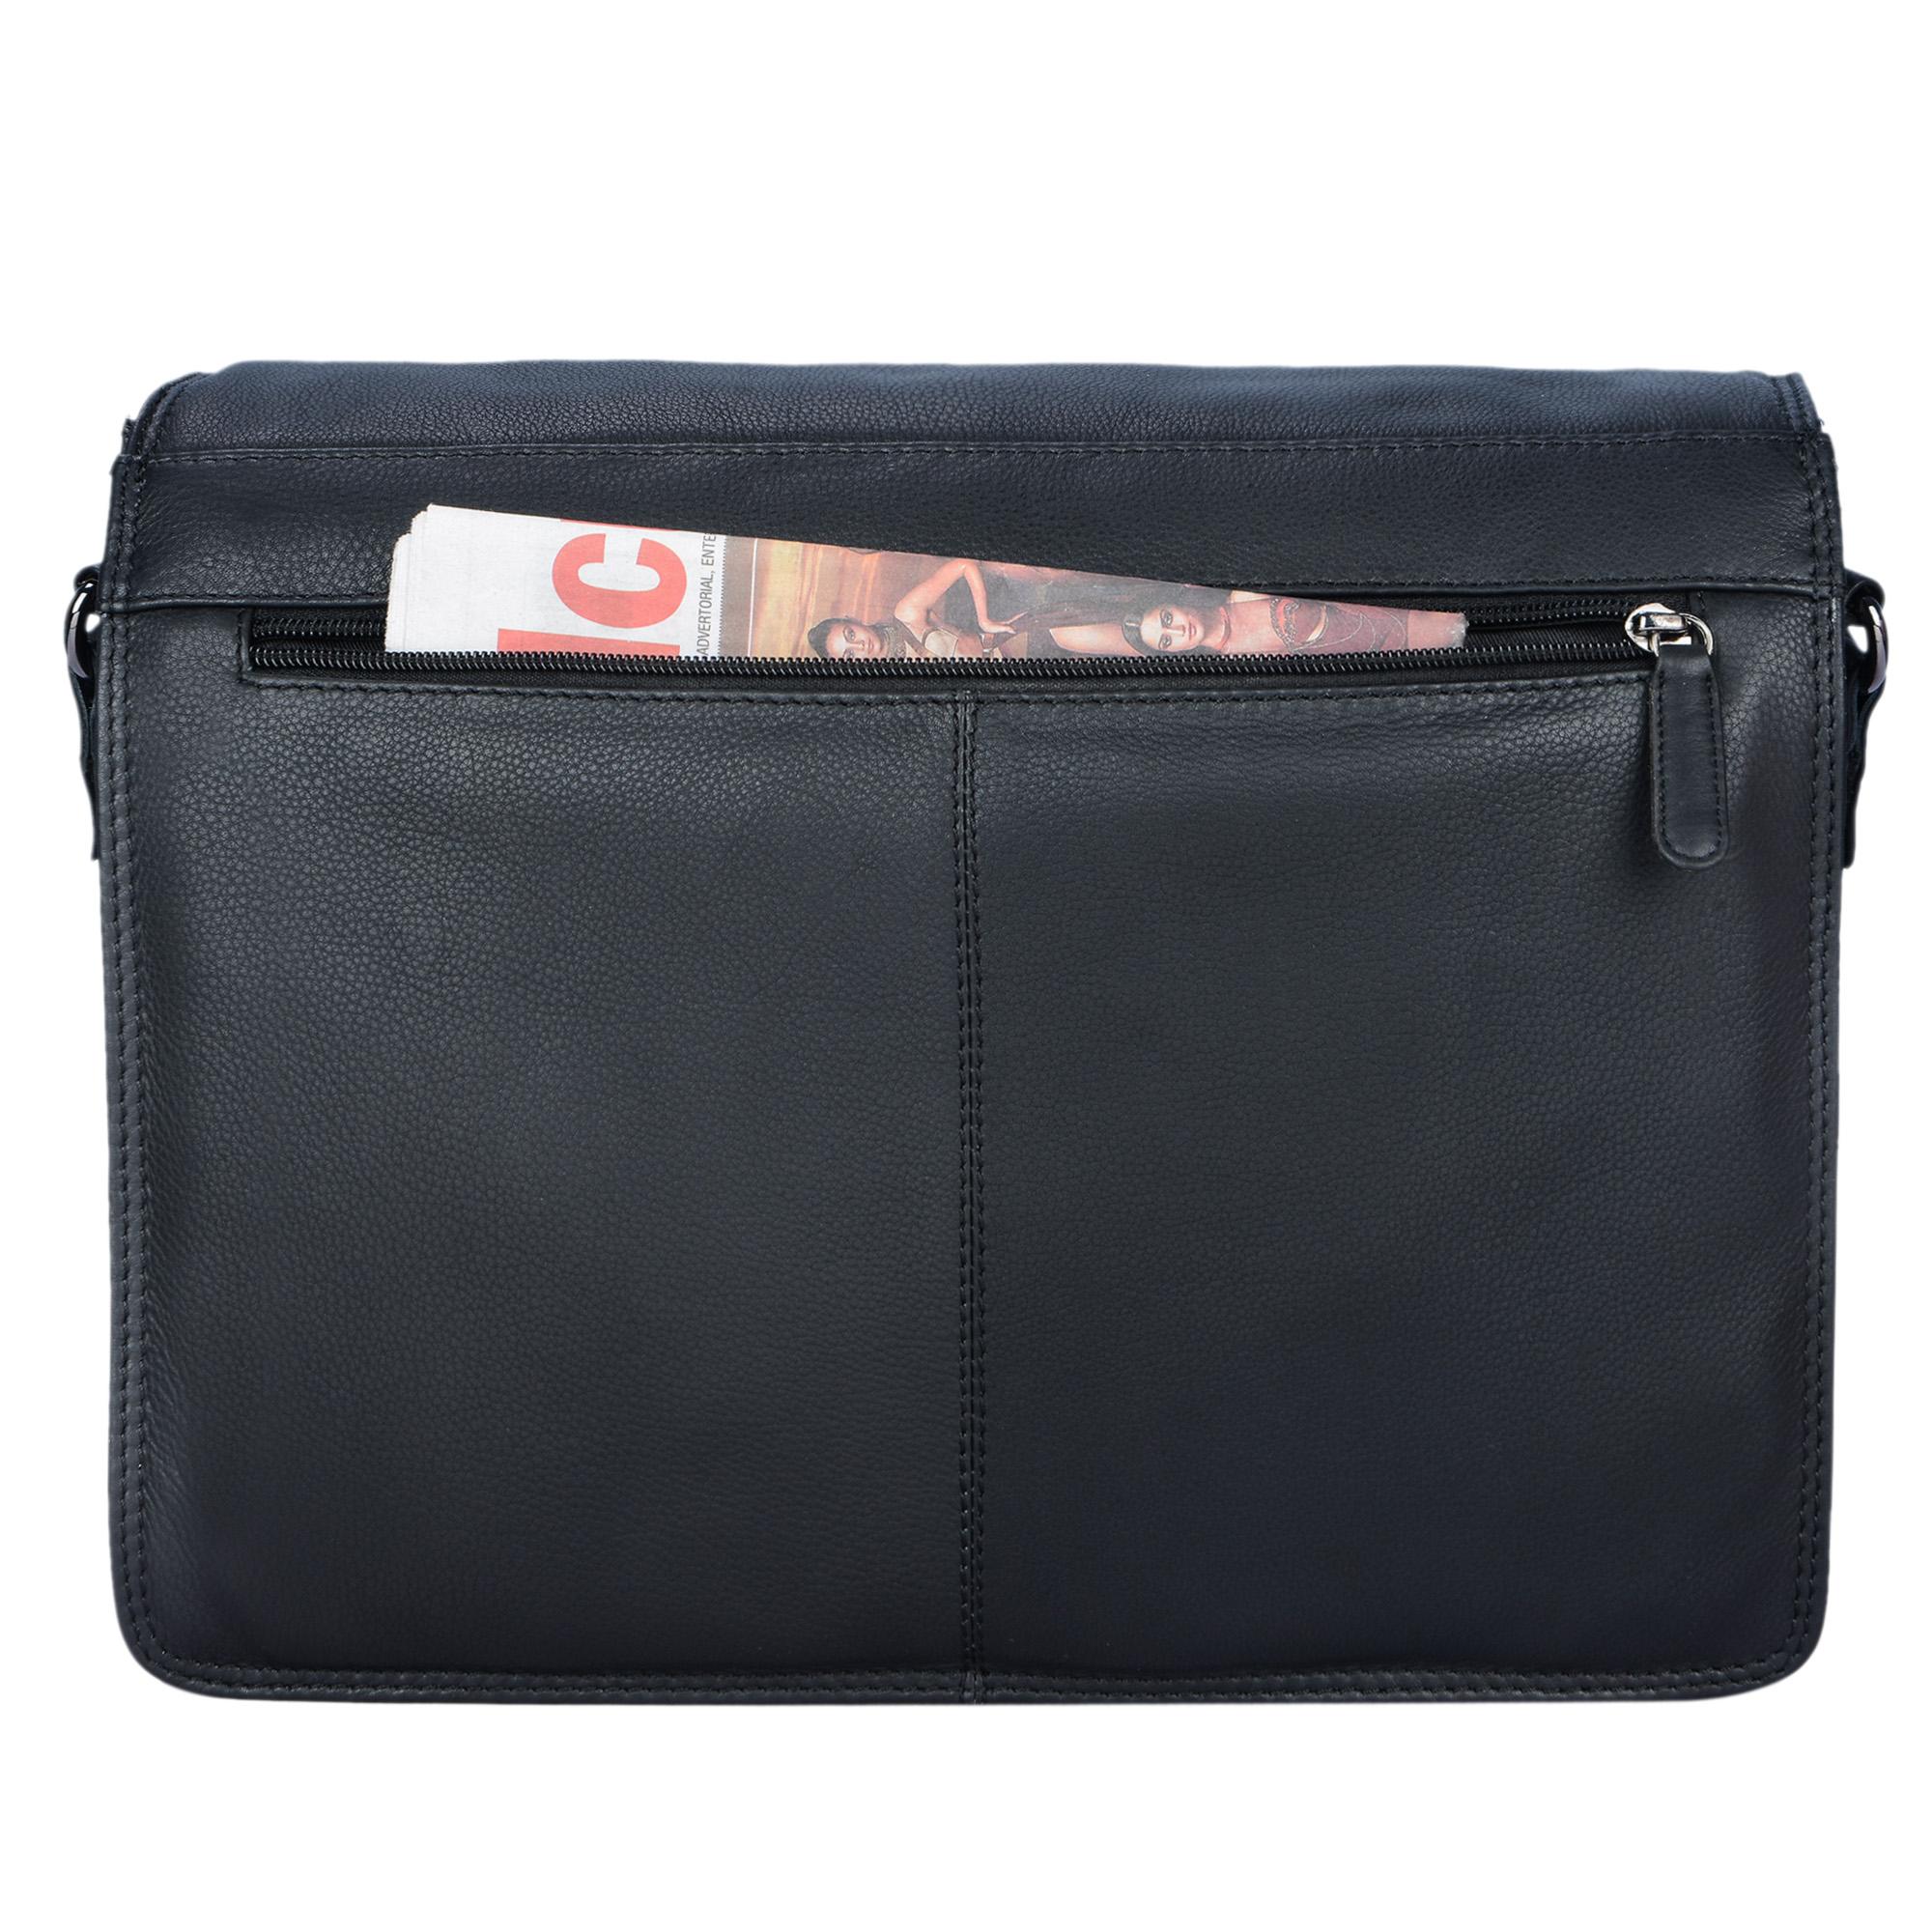 """STILORD """"Romeo"""" Kleine Aktentasche Leder für Herren Damen Vintage Businesstasche Bürotasche für DIN A4 Dokumente und 13,3 Zoll Laptops MacBooks aus echtem Leder - Bild 21"""